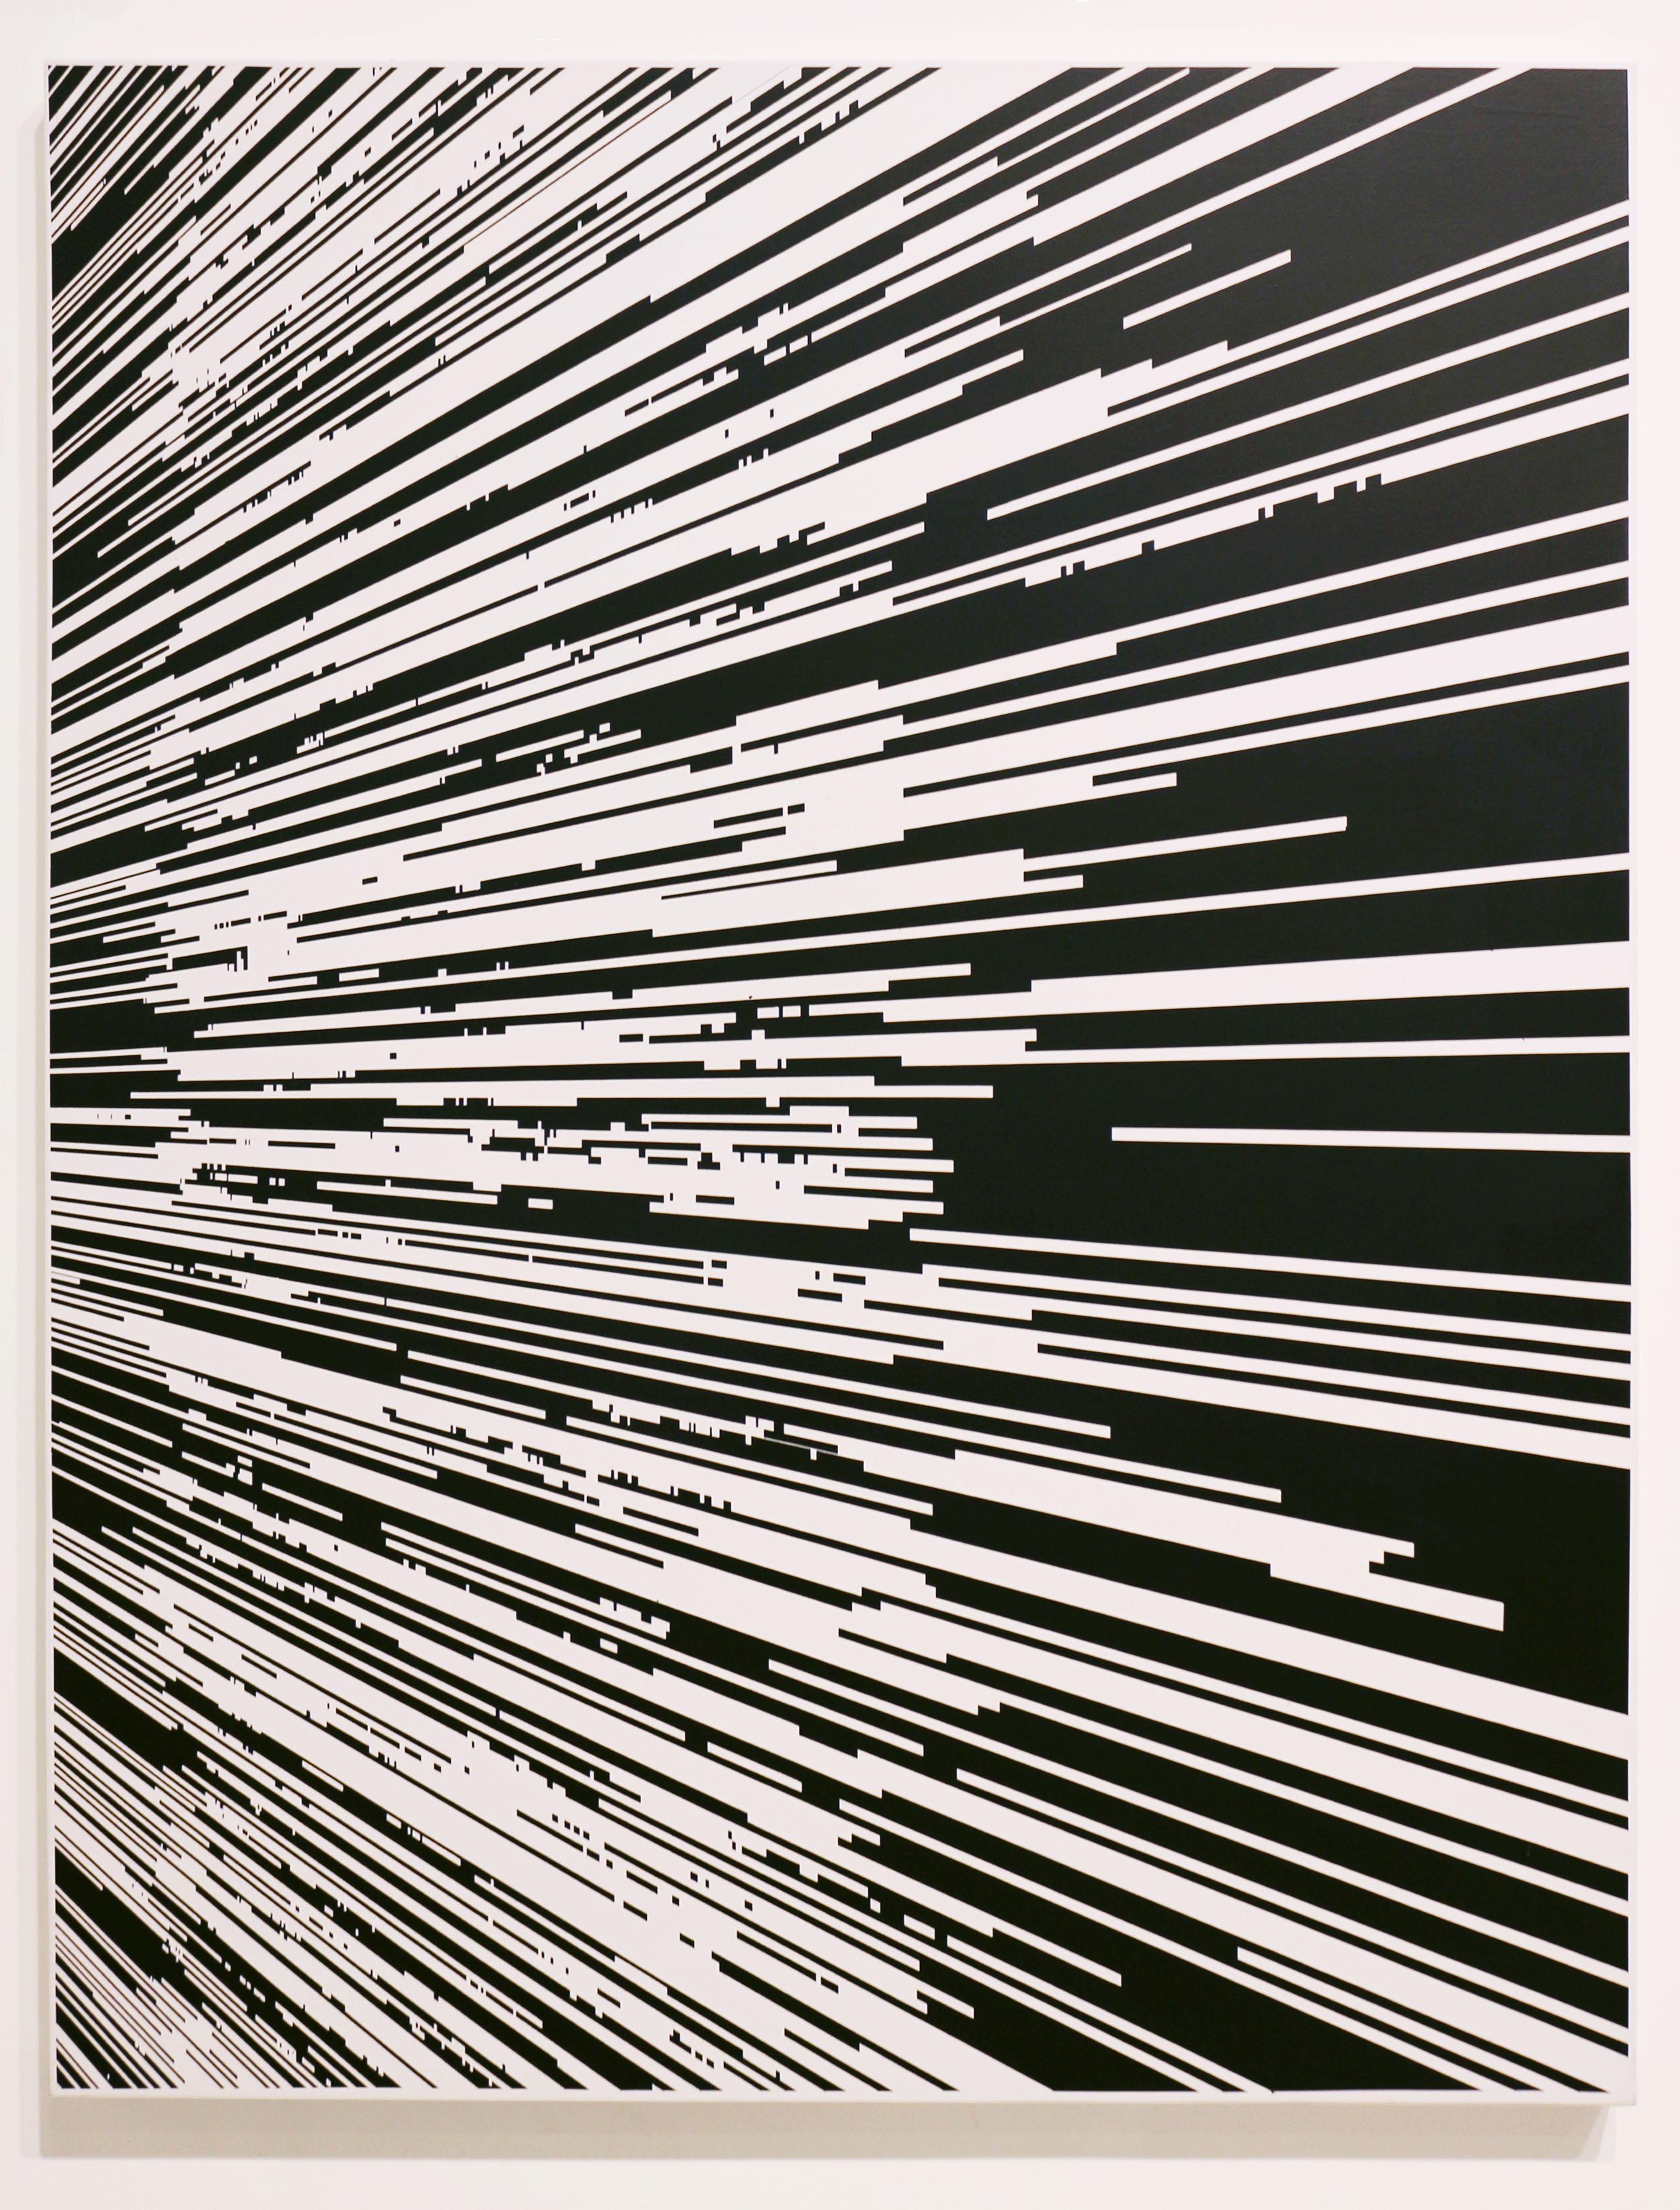 J. PARK_2016 Maze-20165122_Acrylic on canvas_116.8x91cm